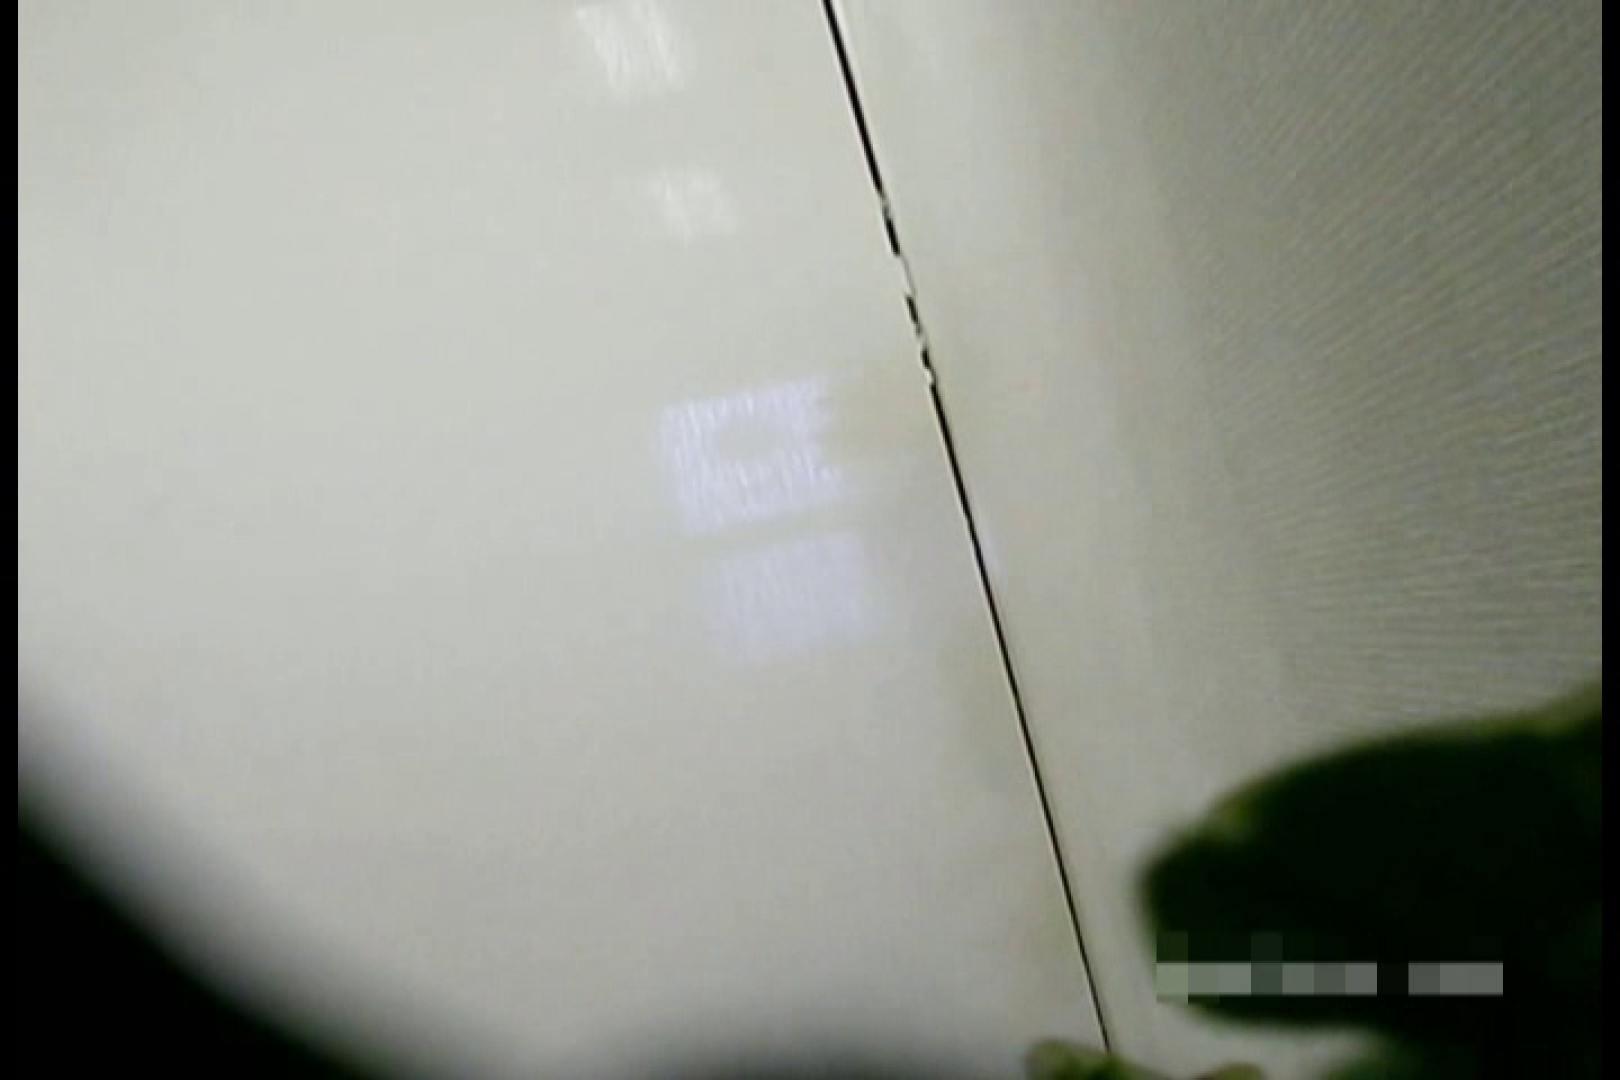 素人撮影 下着だけの撮影のはずが・・・みゆき18歳 盗撮 おまんこ動画流出 84pic 58